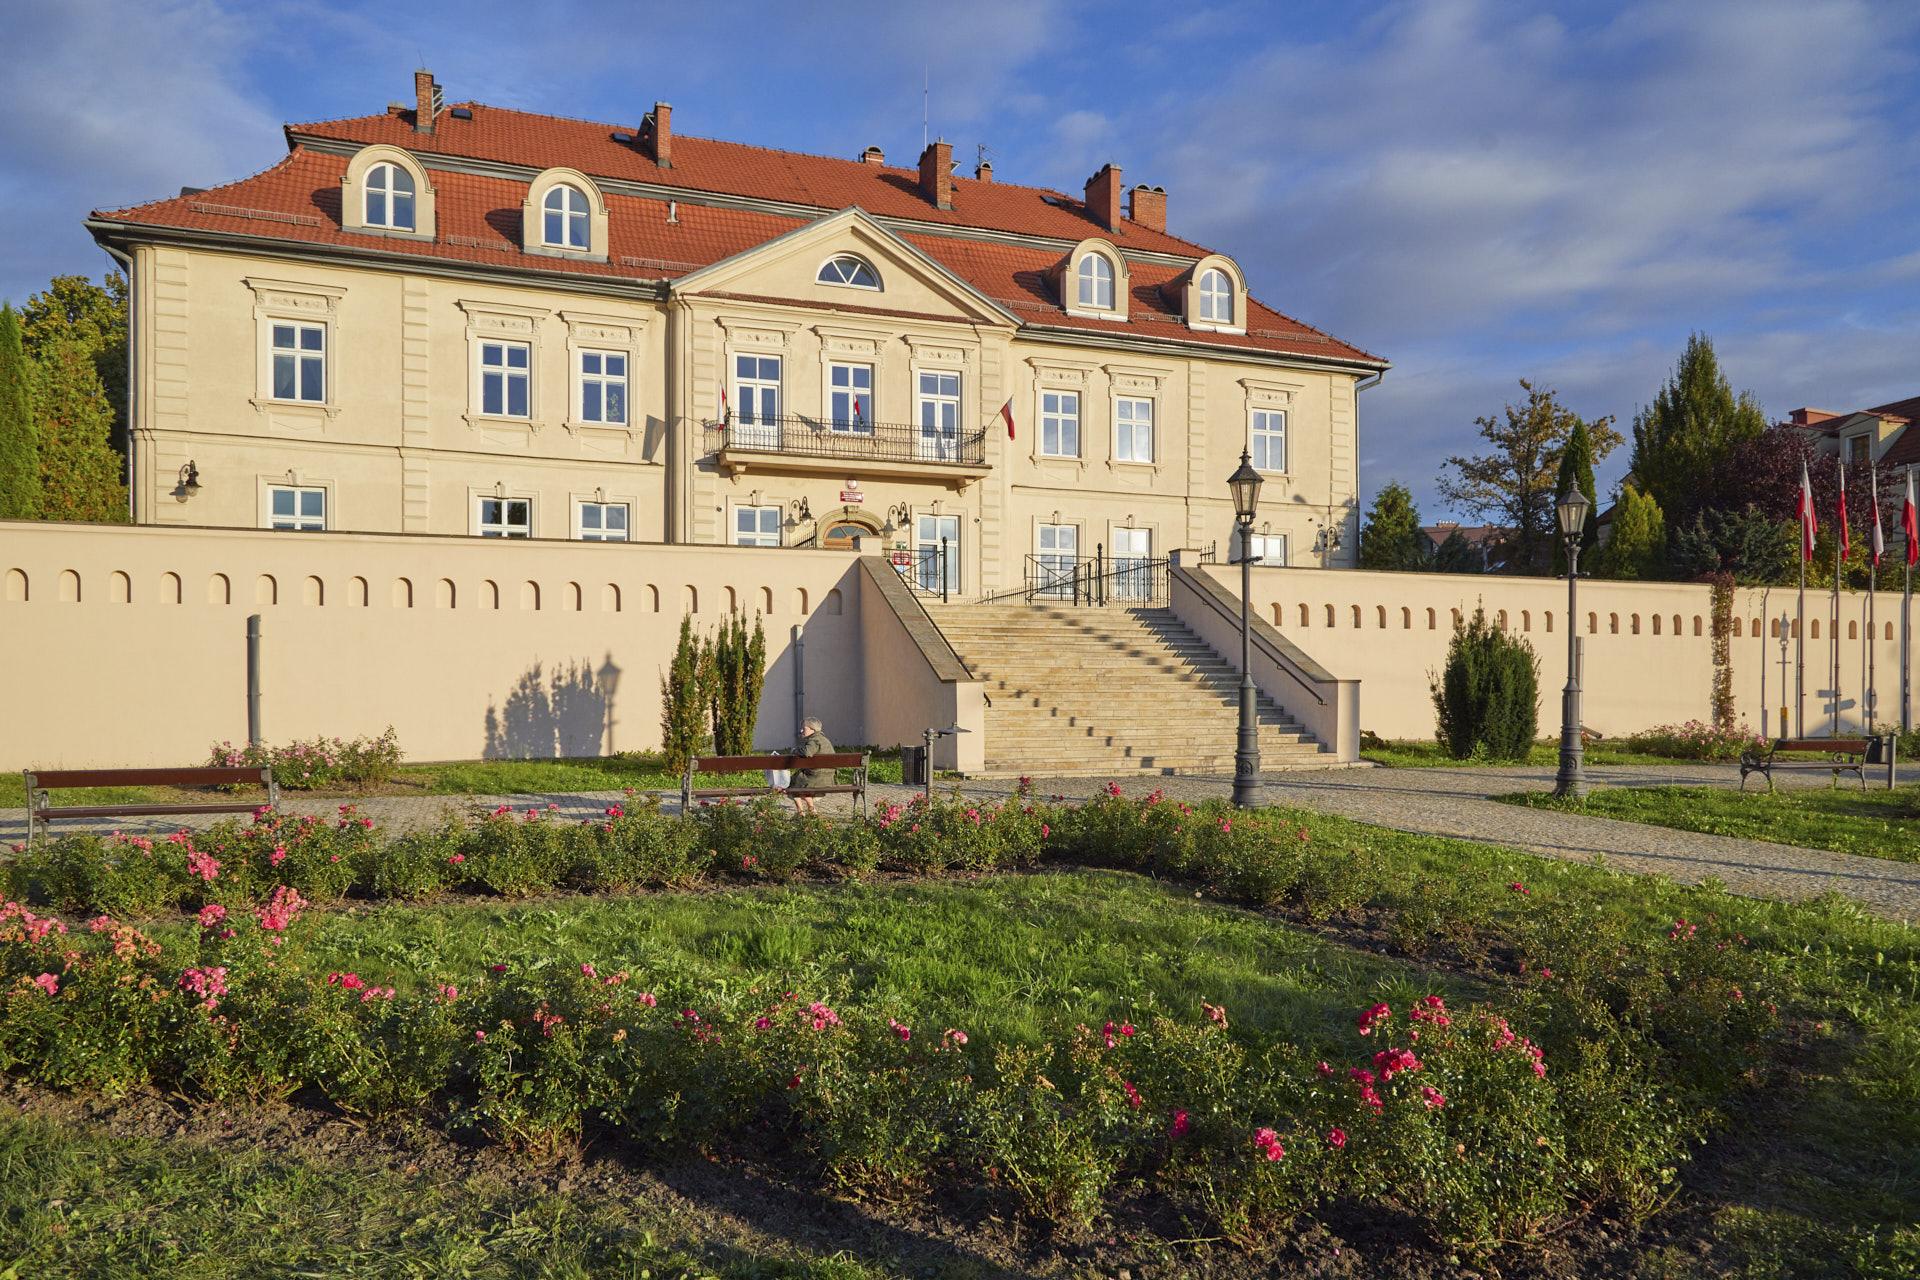 Fotografia zabytku w sercu Wieliczki